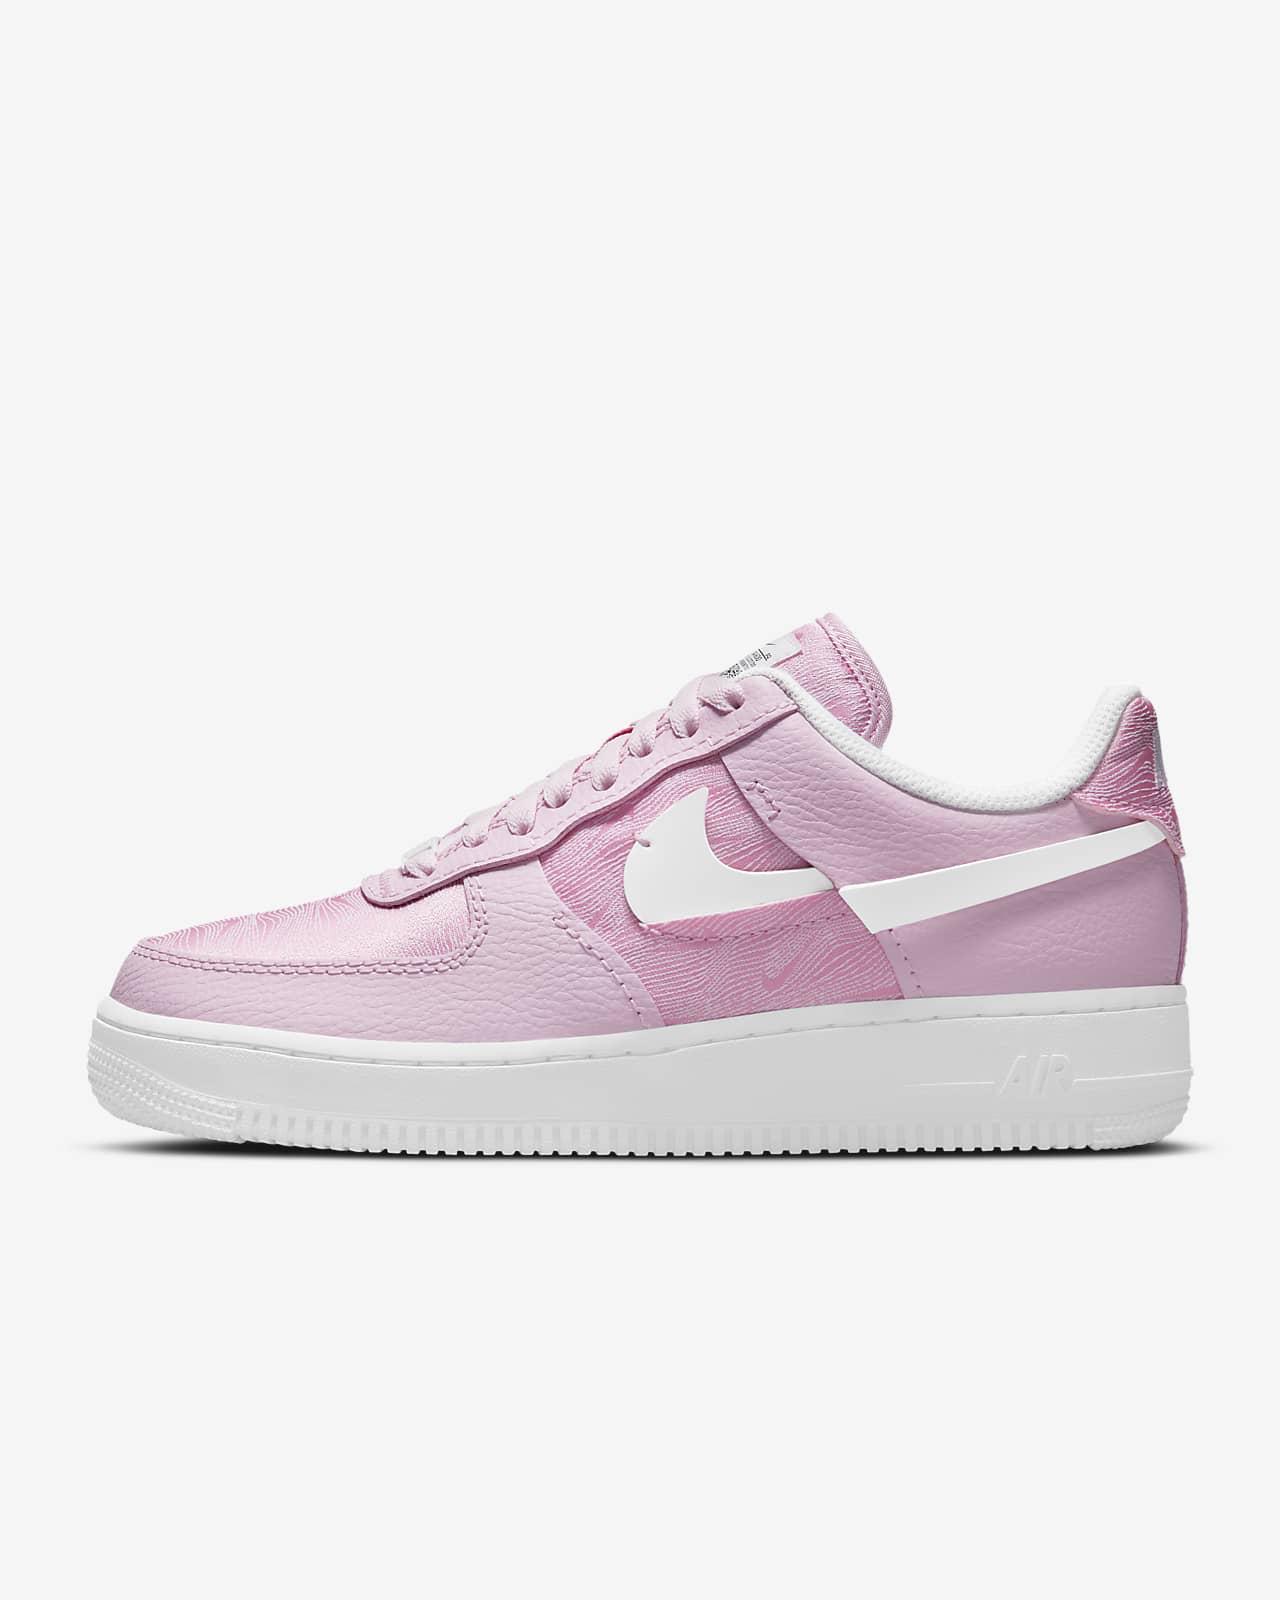 Nike Air Force 1 LXX Women's Shoe